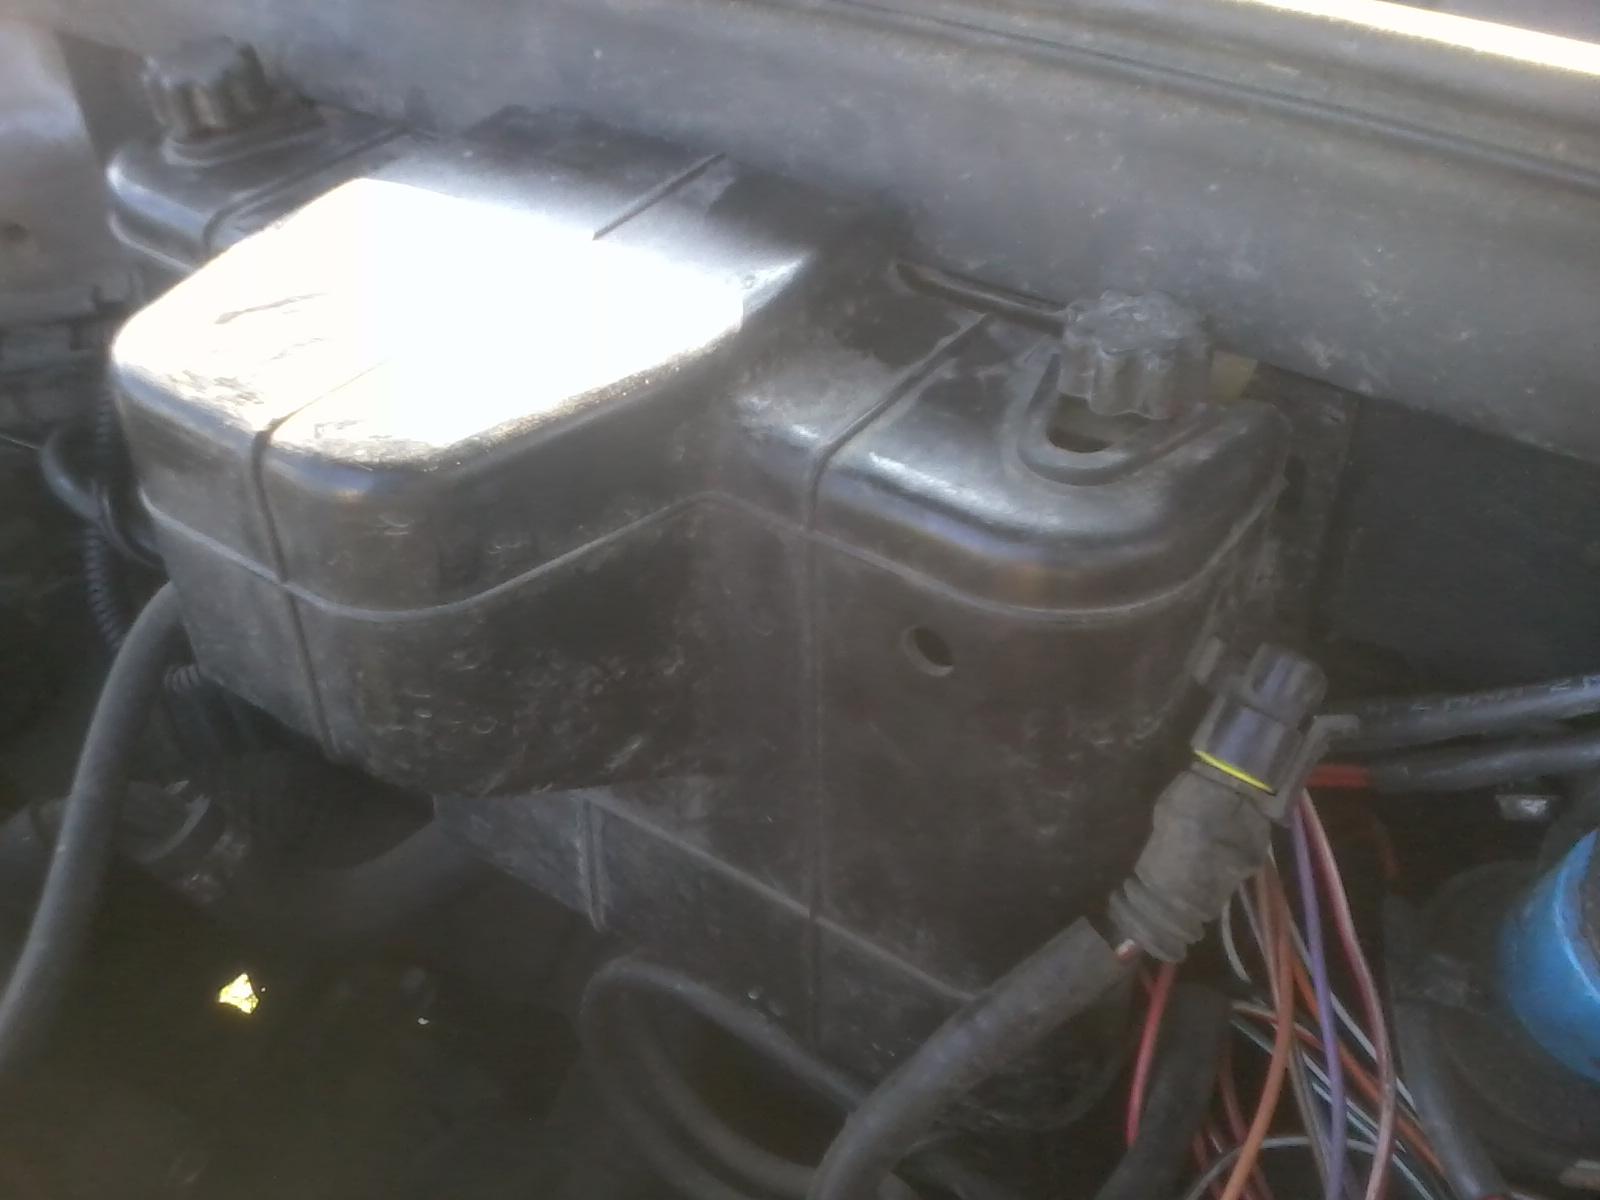 Marea 1.6 16v pali bezpiecznik brak iskry